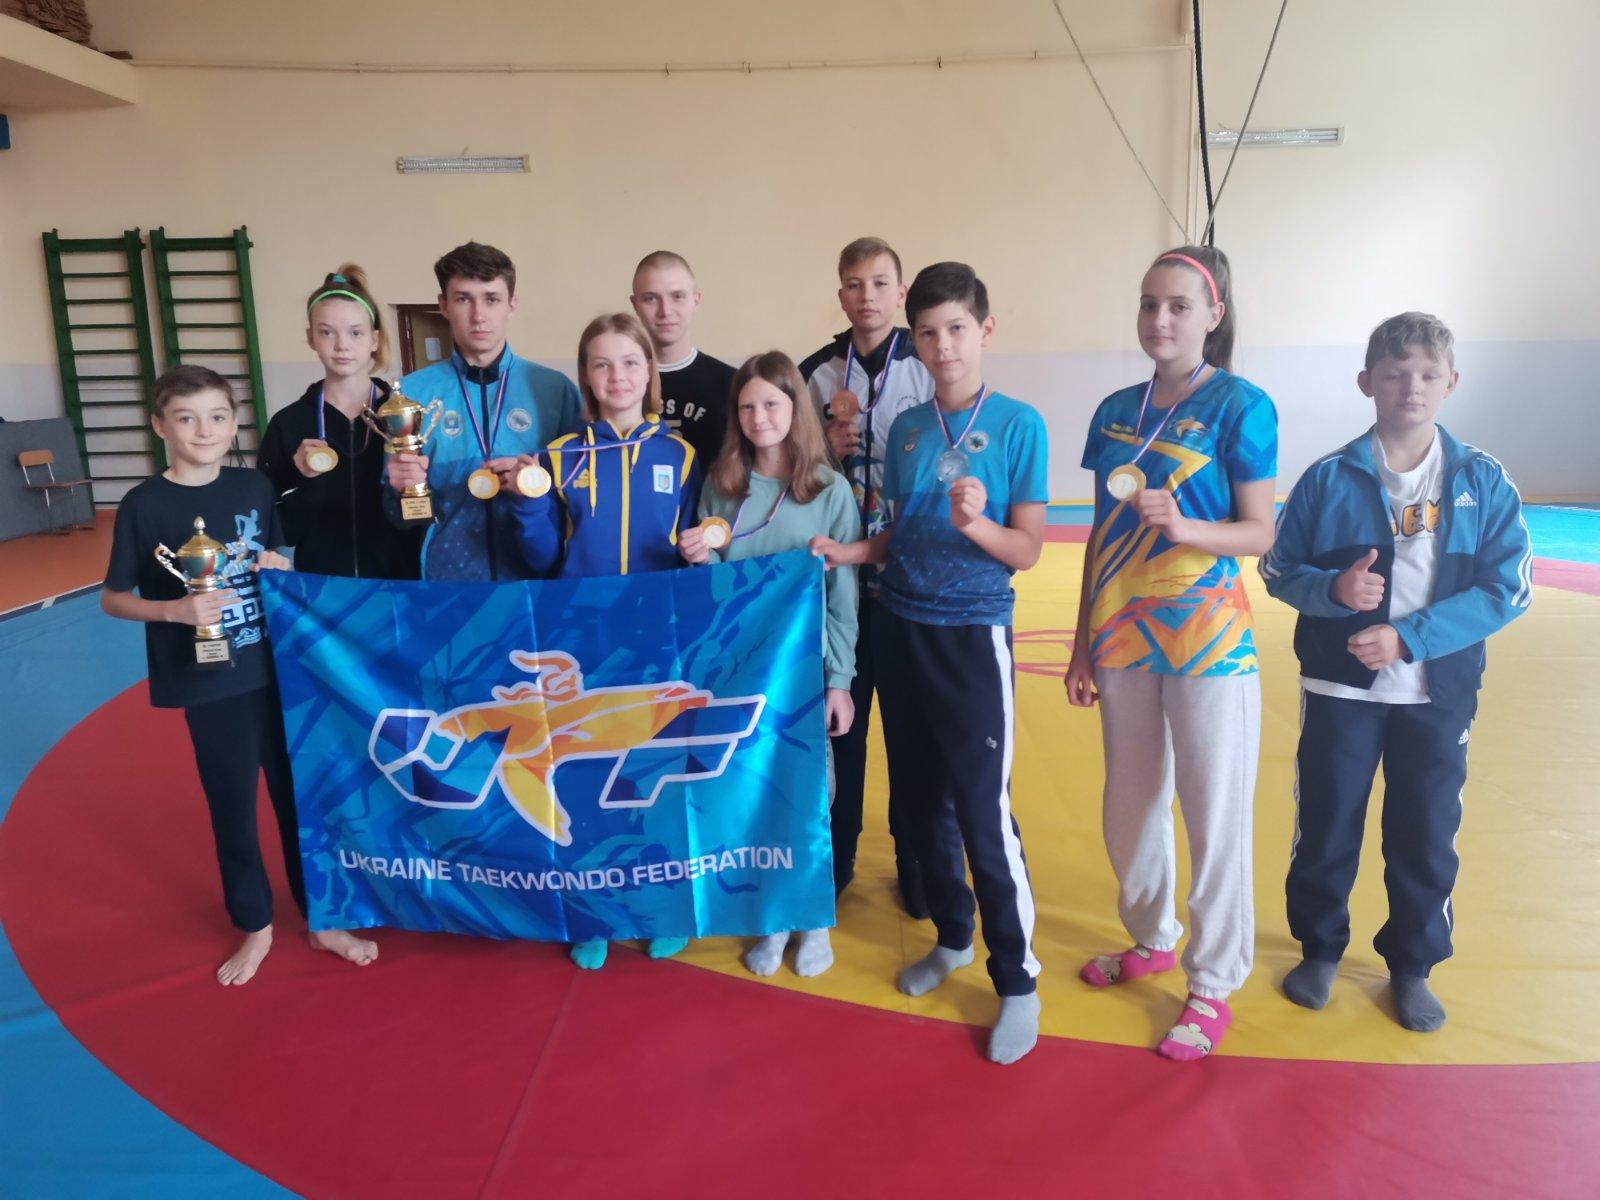 Юные николаевские тхеквондисты завоевали 5 медалей на международных соревнованиях (ФОТО) 15